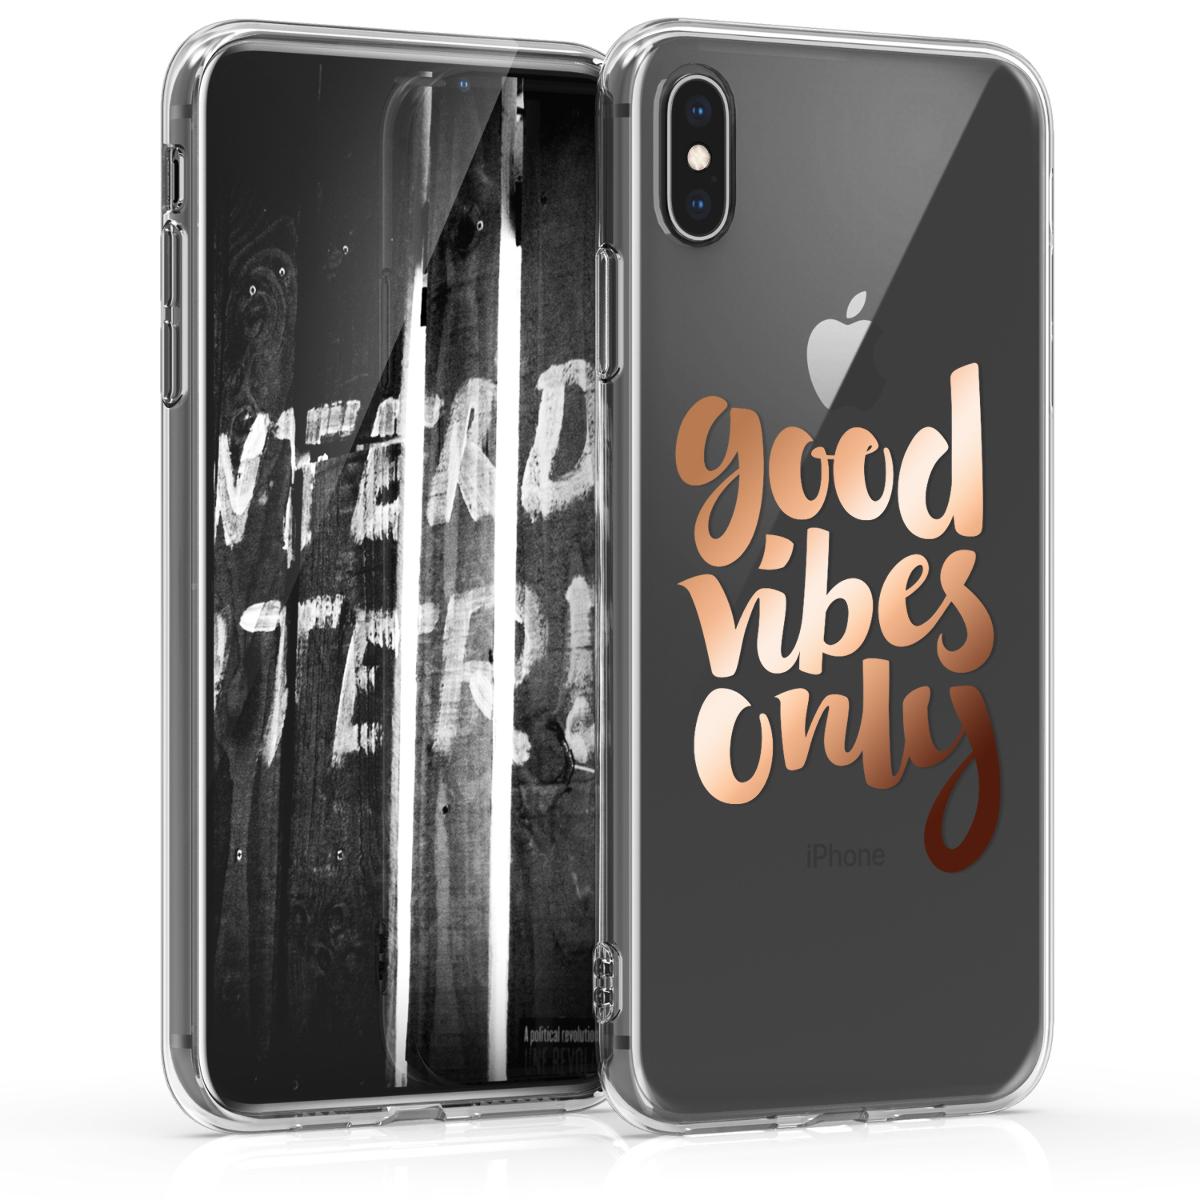 Kvalitní silikonové TPU pouzdro pro Apple iPhone XS Max - Good Vibes fráze Rose Gold   Transparent